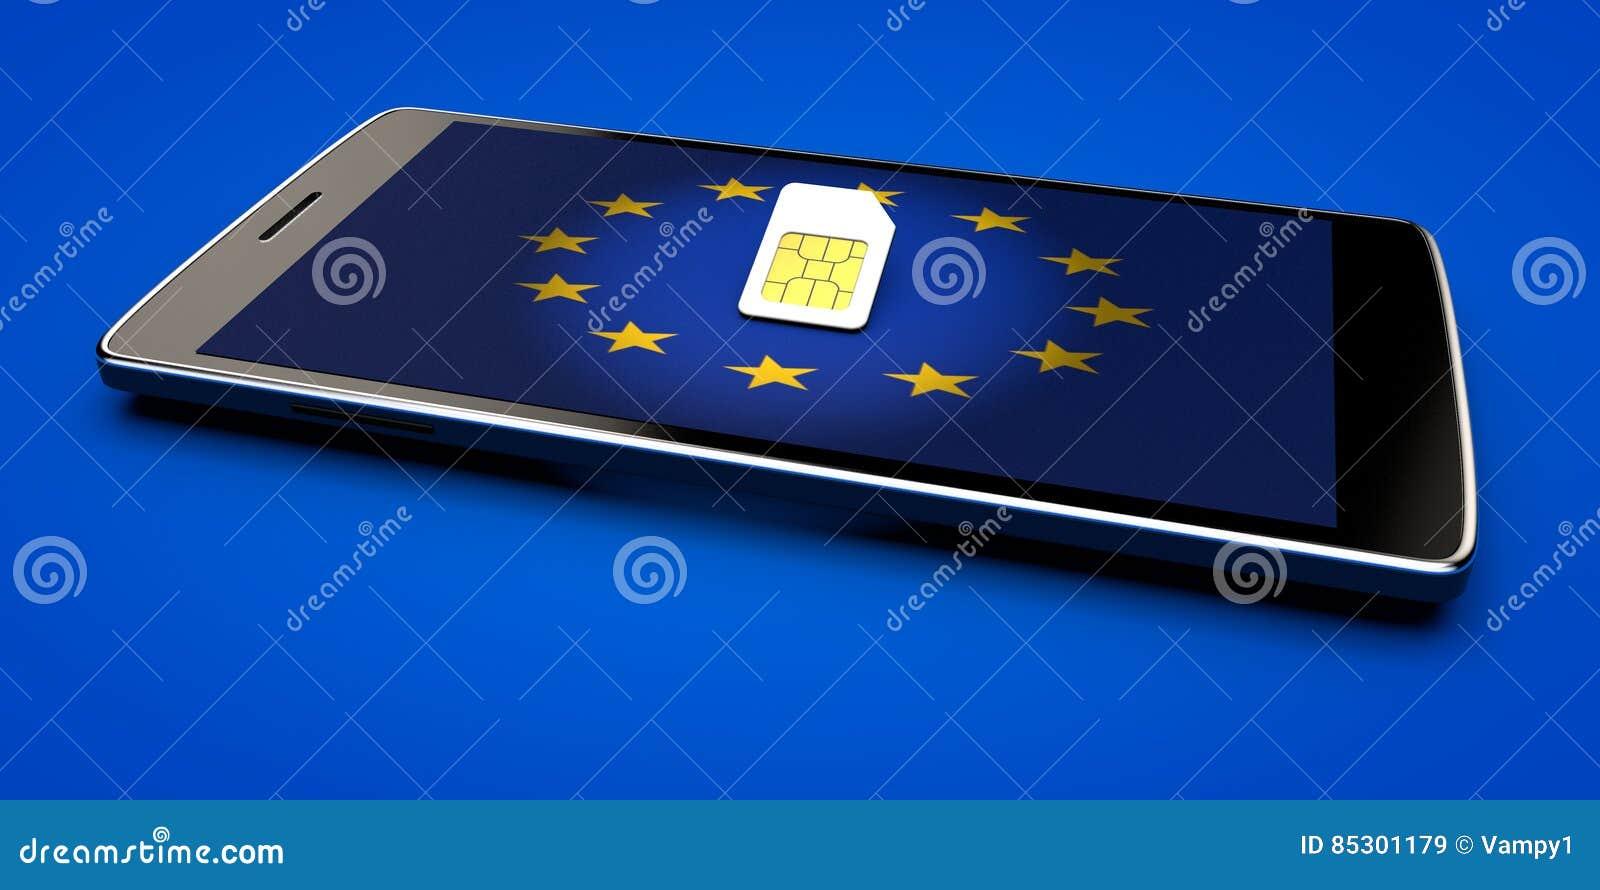 Telefonu Komórkowego i sim karta, abolicja wędrować w Europejskim zjednoczeniu dostępne Europę flagi okulary stylu wektora